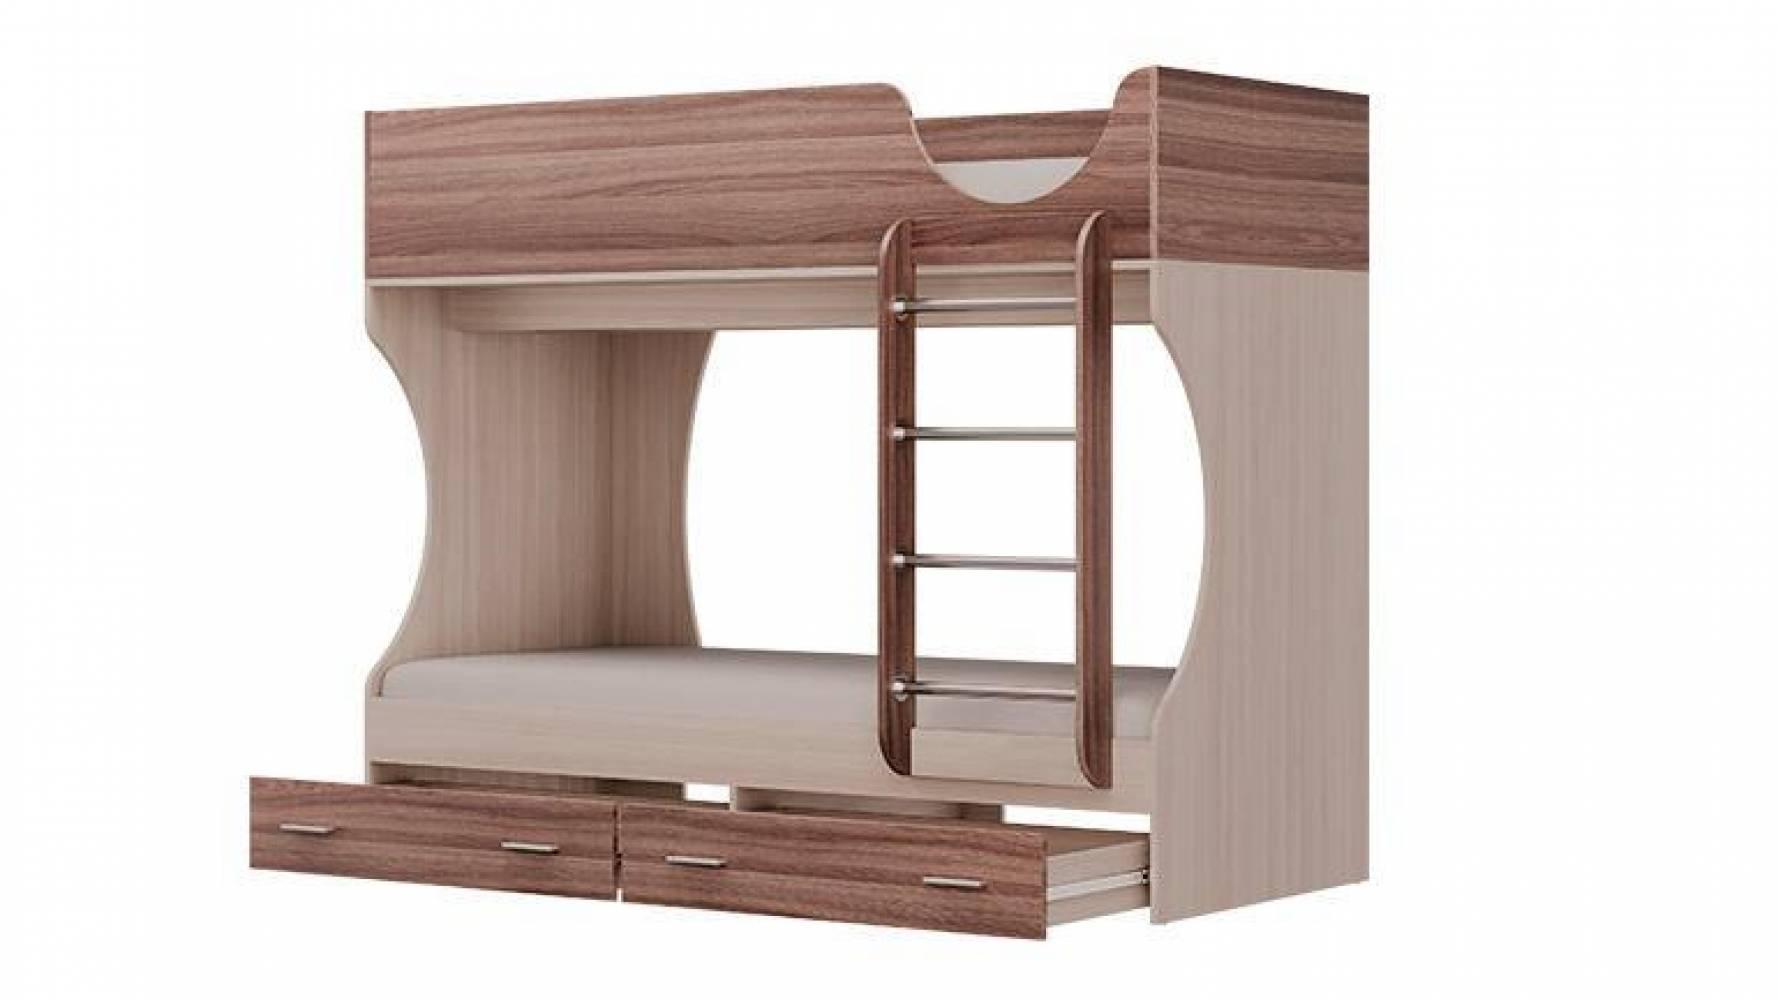 Кровать двухъярусная Д2 (Ясень Шимо светлый/Ясень Шимо темный) Олмеко